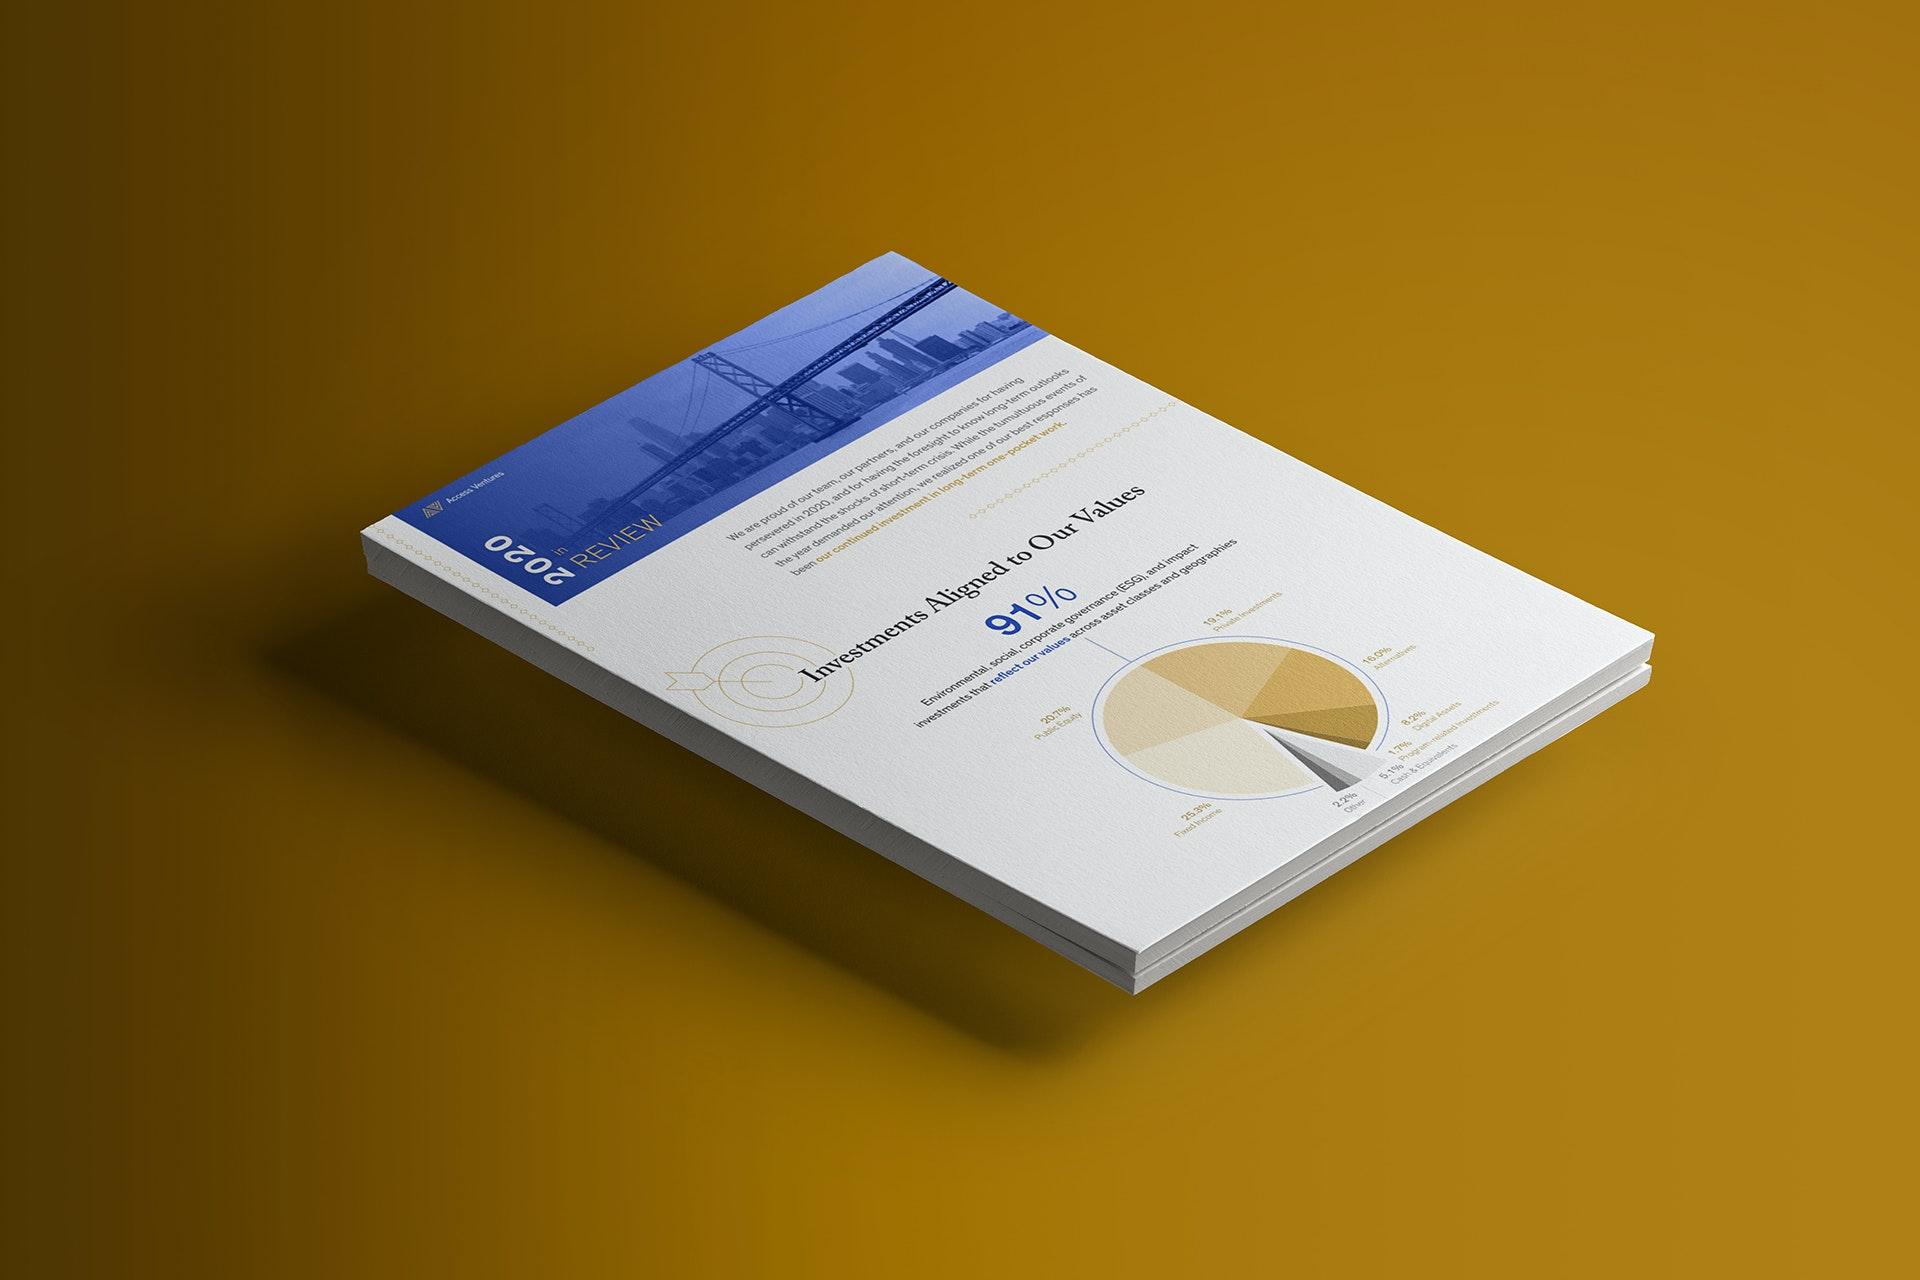 access ventures' 2020 annual report